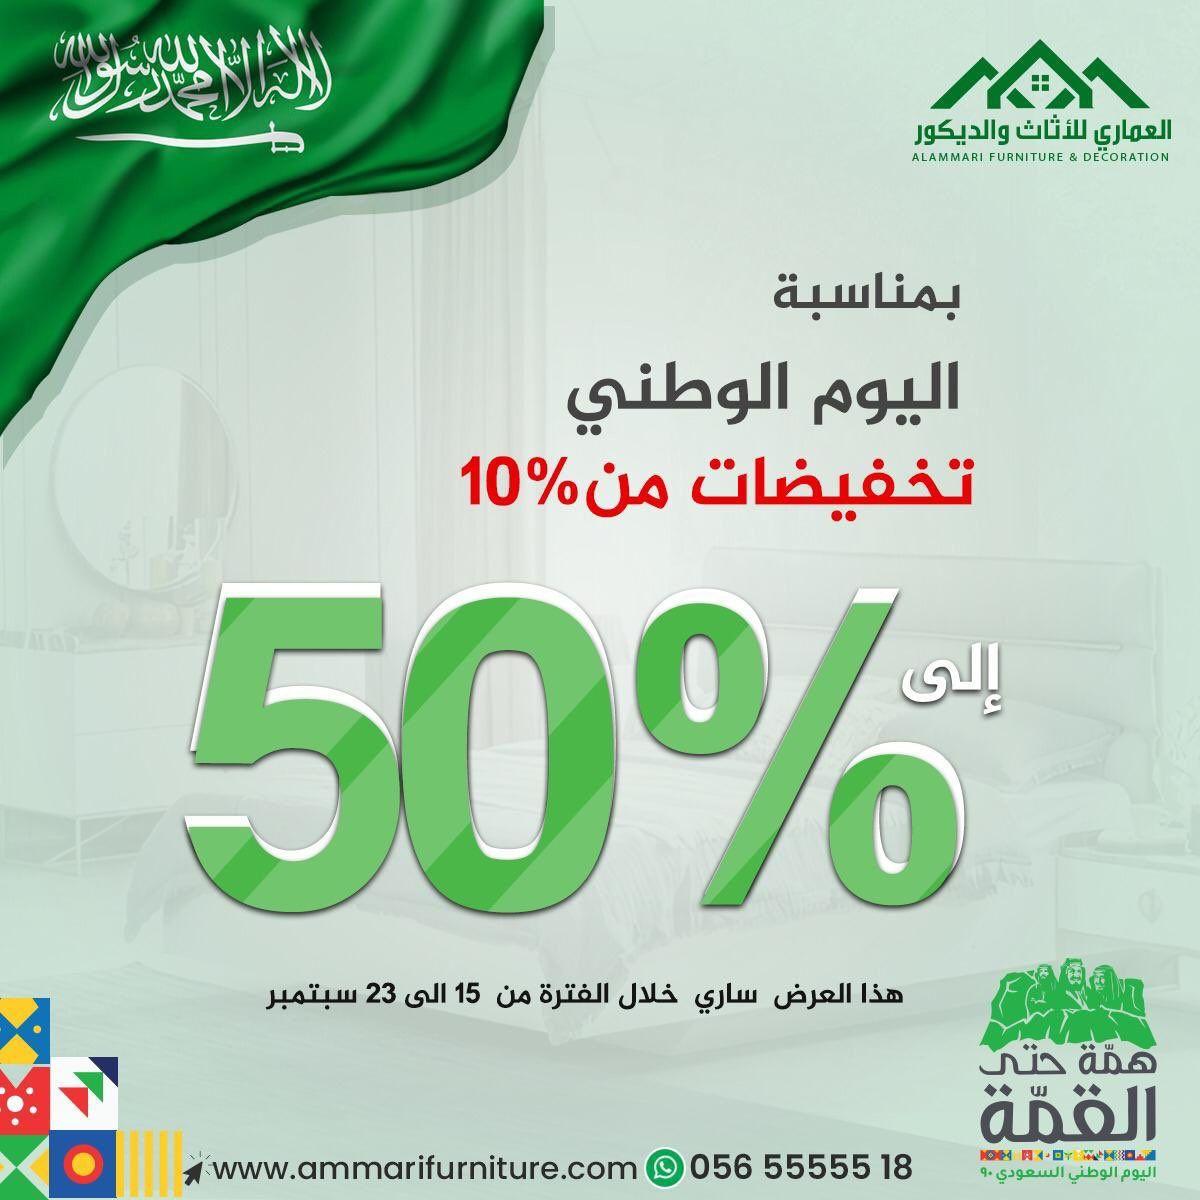 عروض اليوم الوطني 1442 هـ عروض العماري للأثاث والديكور خصم 50 عروض الاثاث Https Www 3orod Today Saudi Arabia Offers National In 2020 Day National Day National